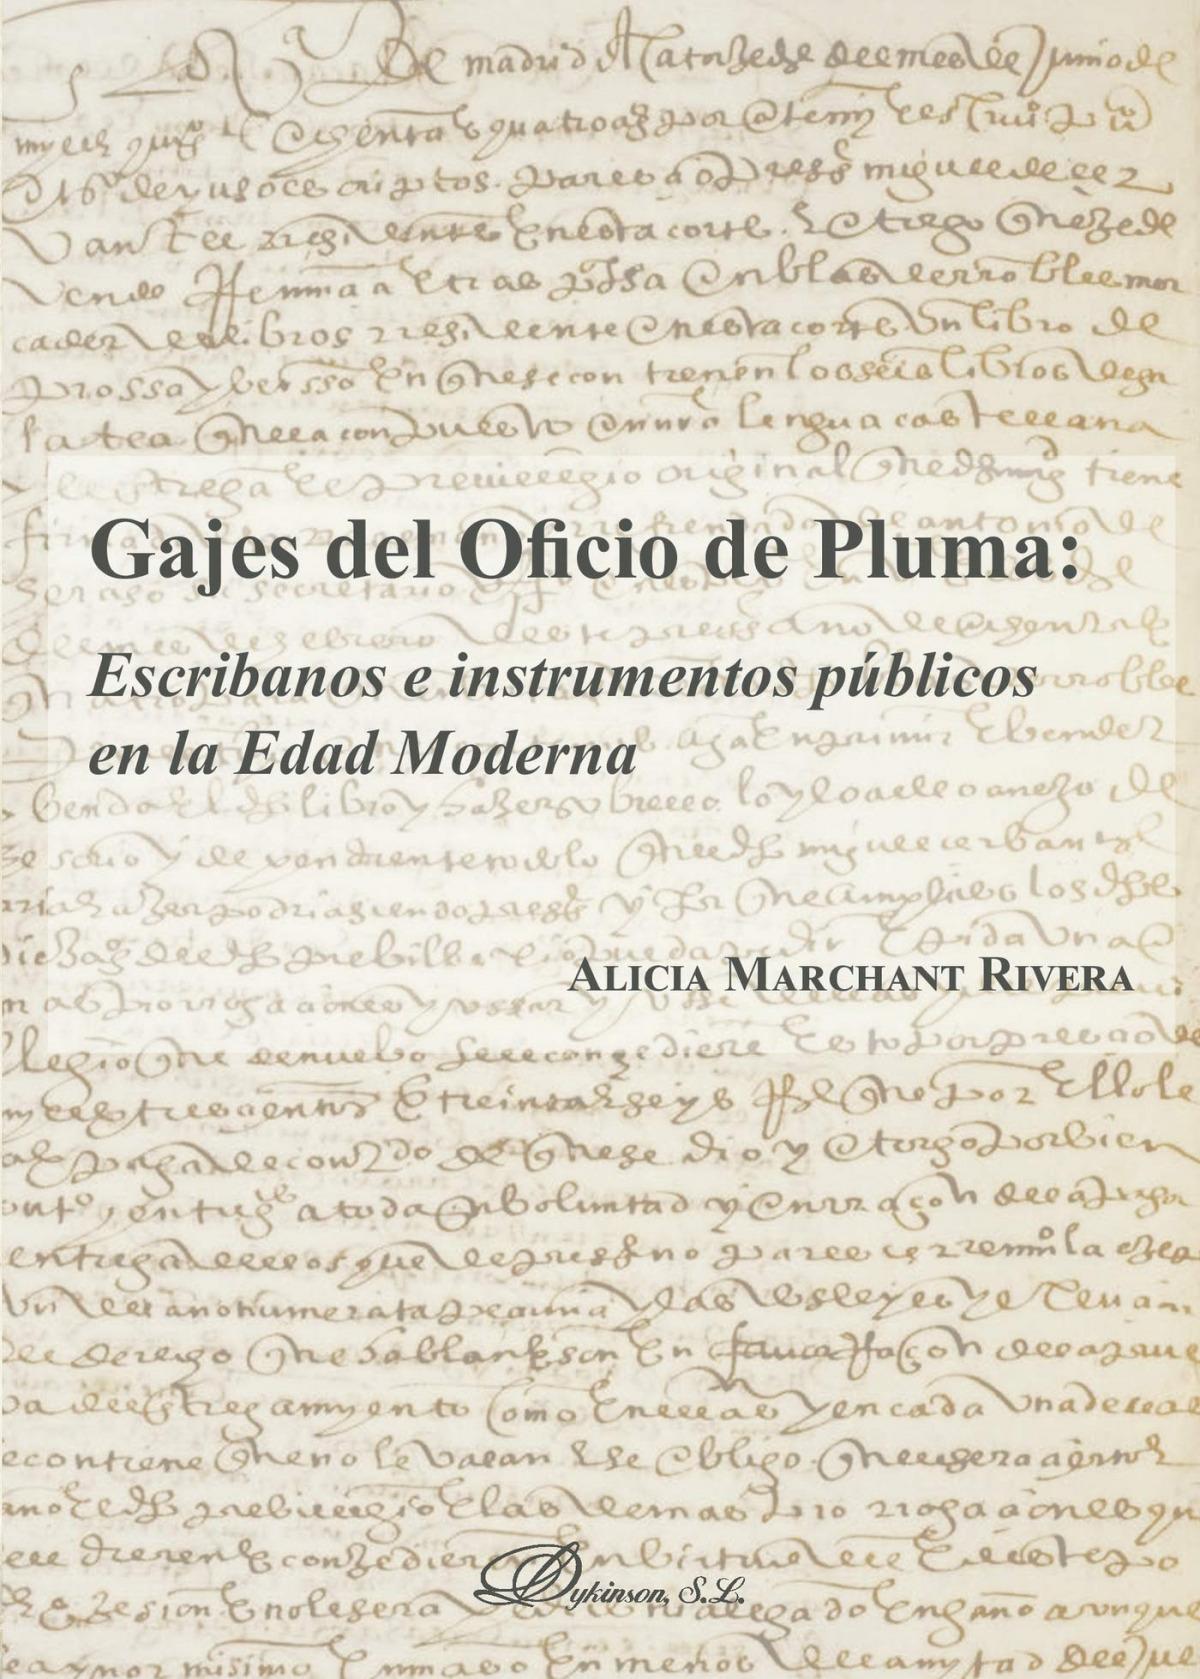 Gajes del oficio de pluma: escribanos e instrumentos públicos en la Edad Moderna